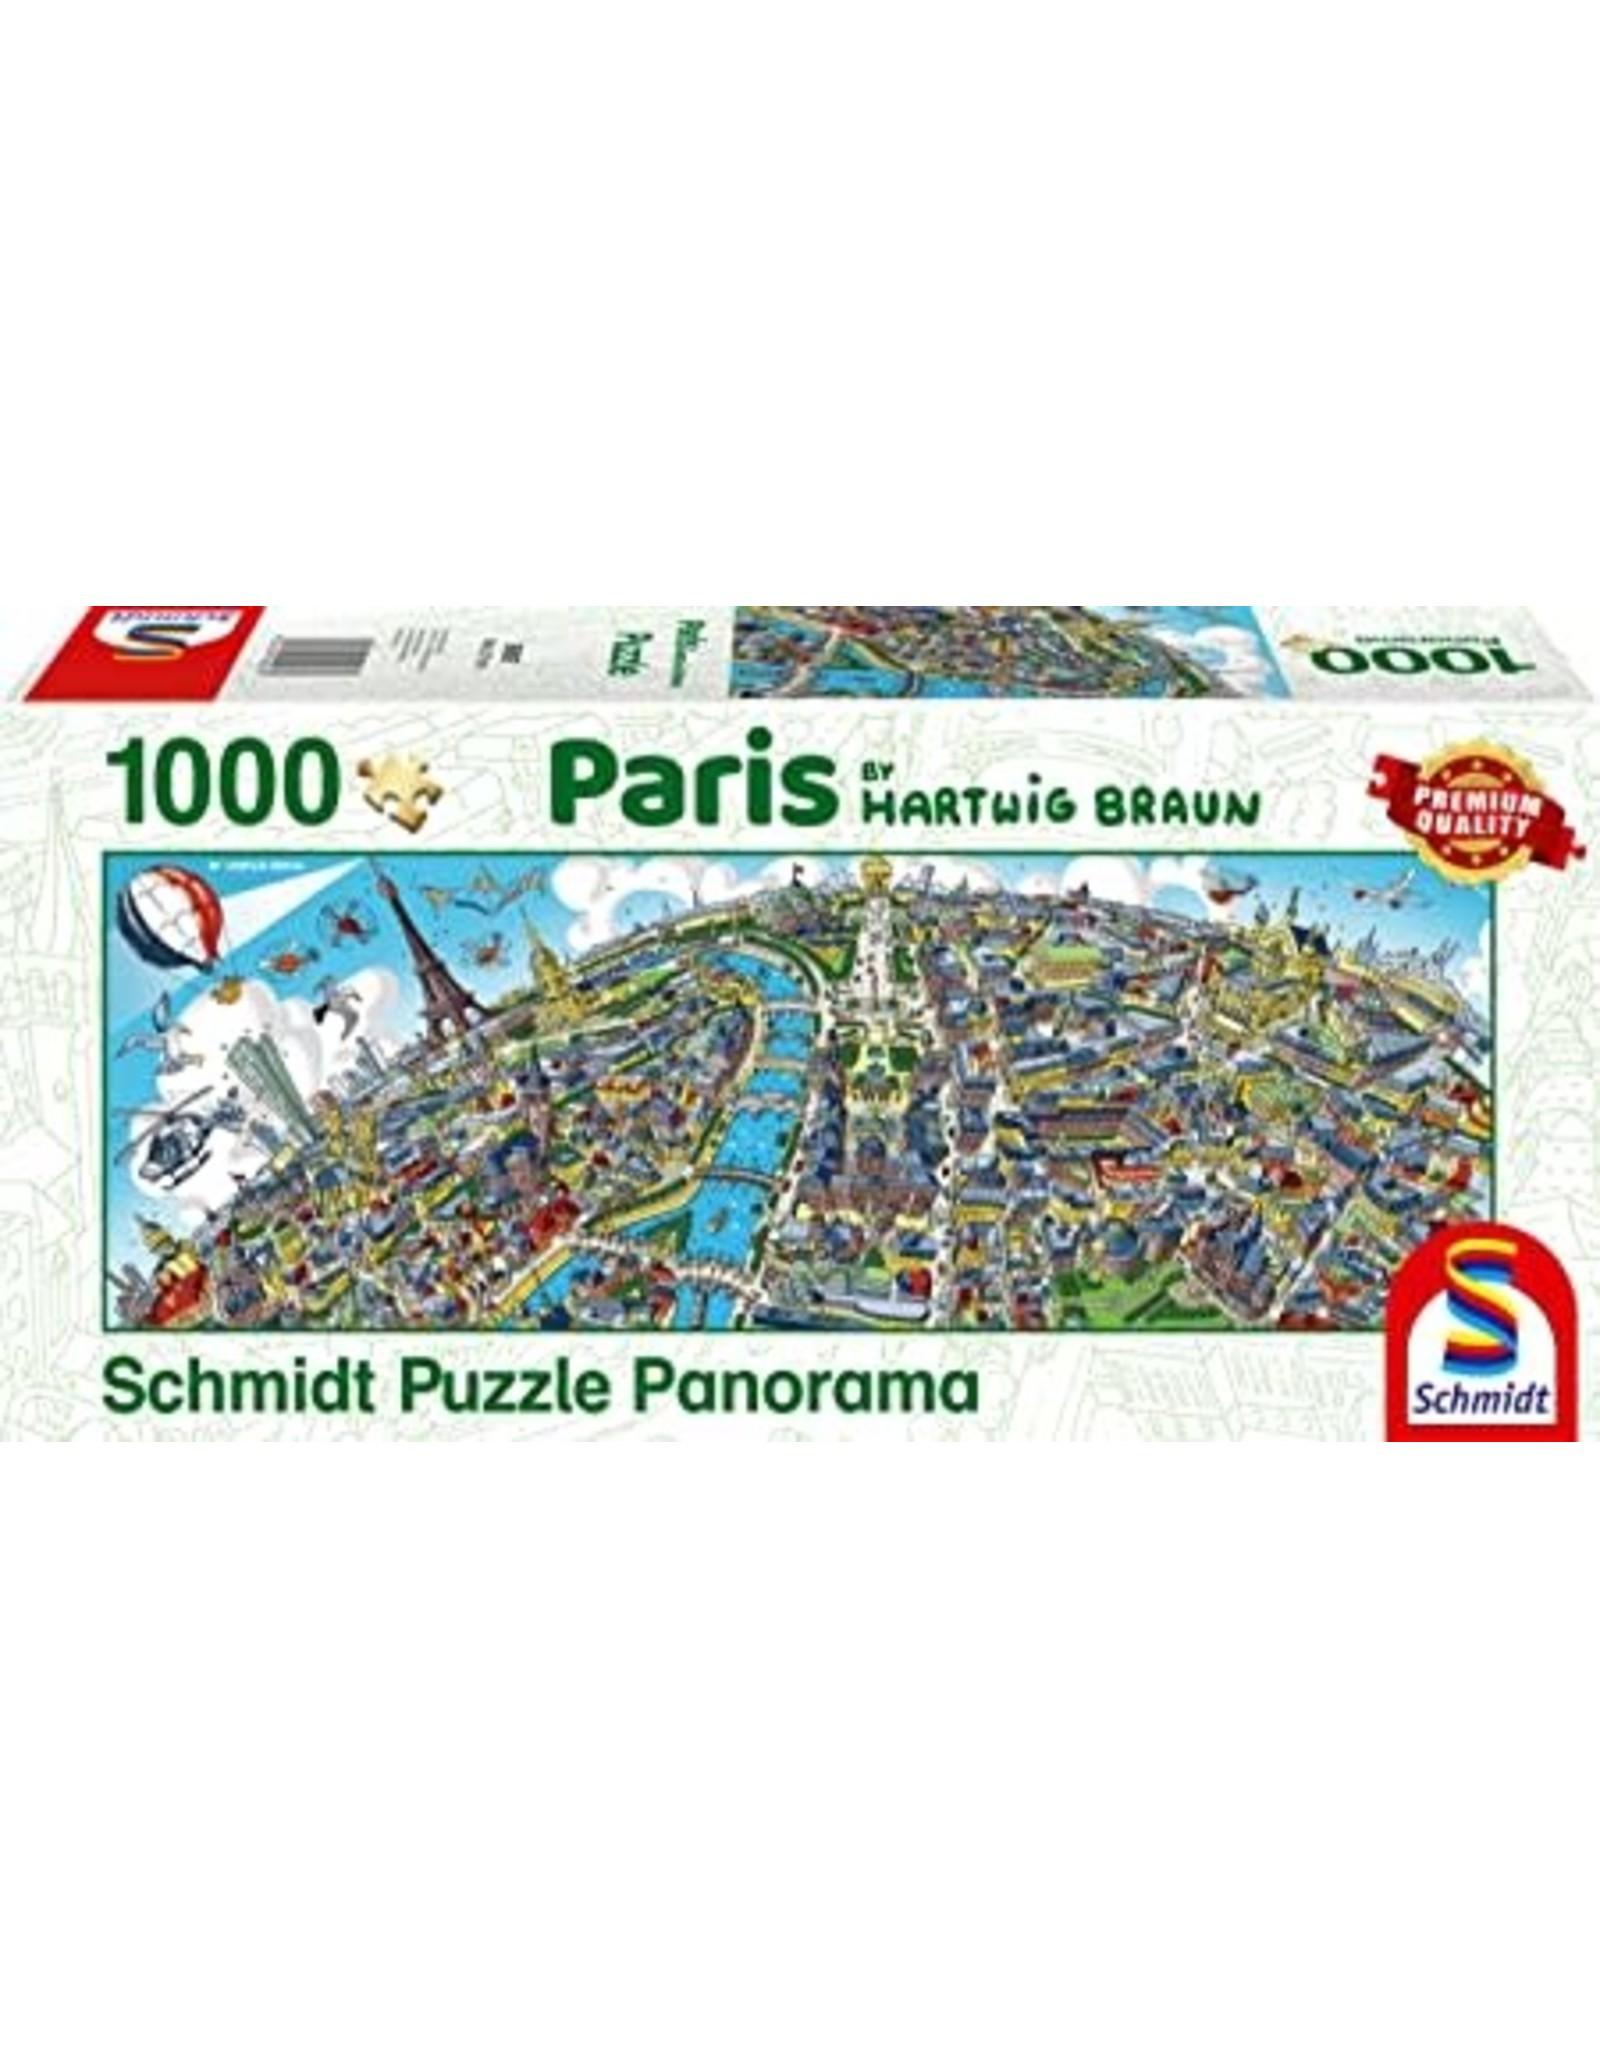 Schmidt Schmidt Paris 1000 Pieces